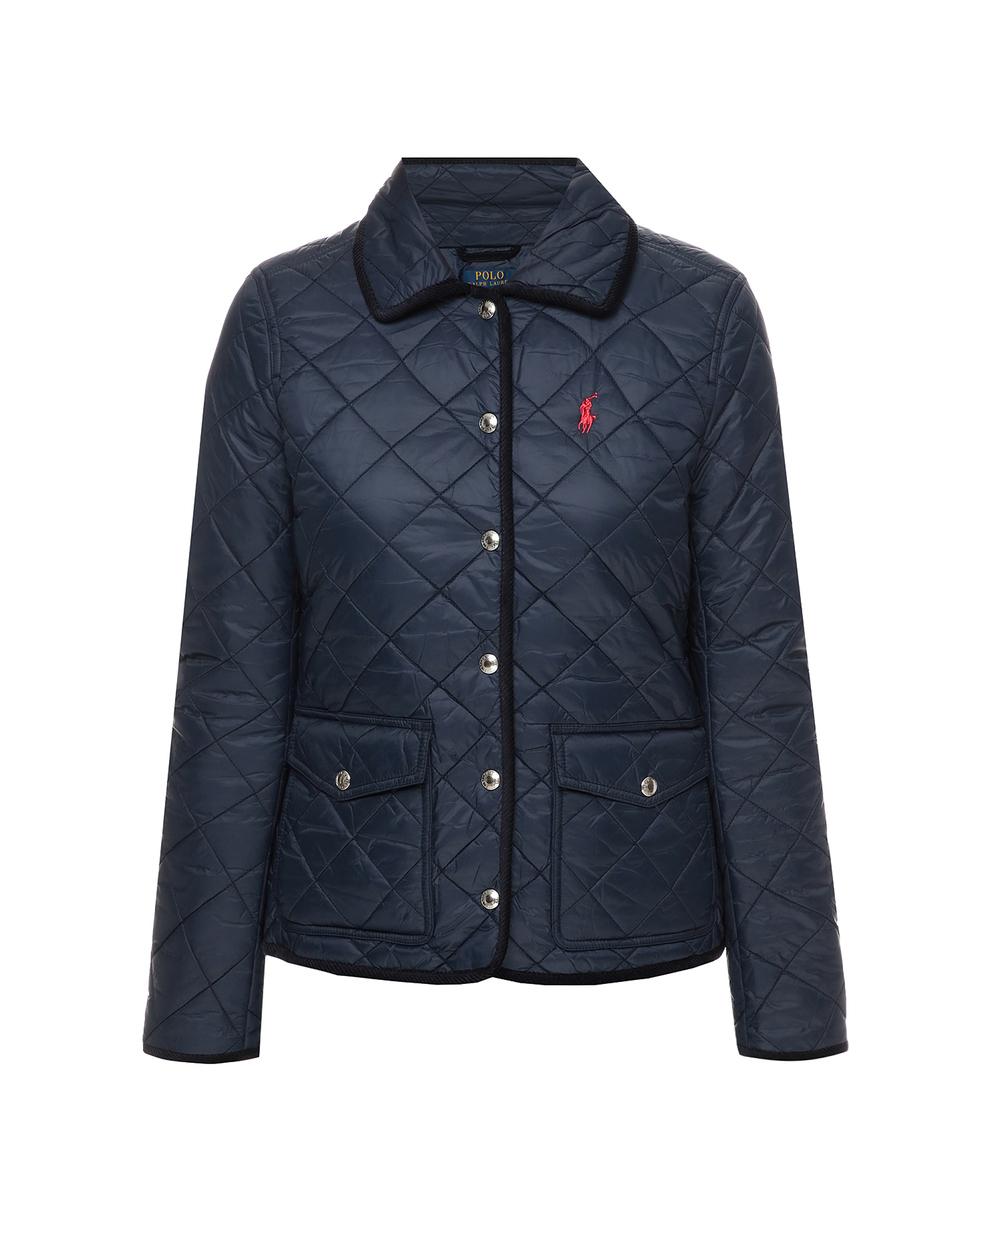 Куртка Polo Ralph Lauren 211798836003 — Kameron